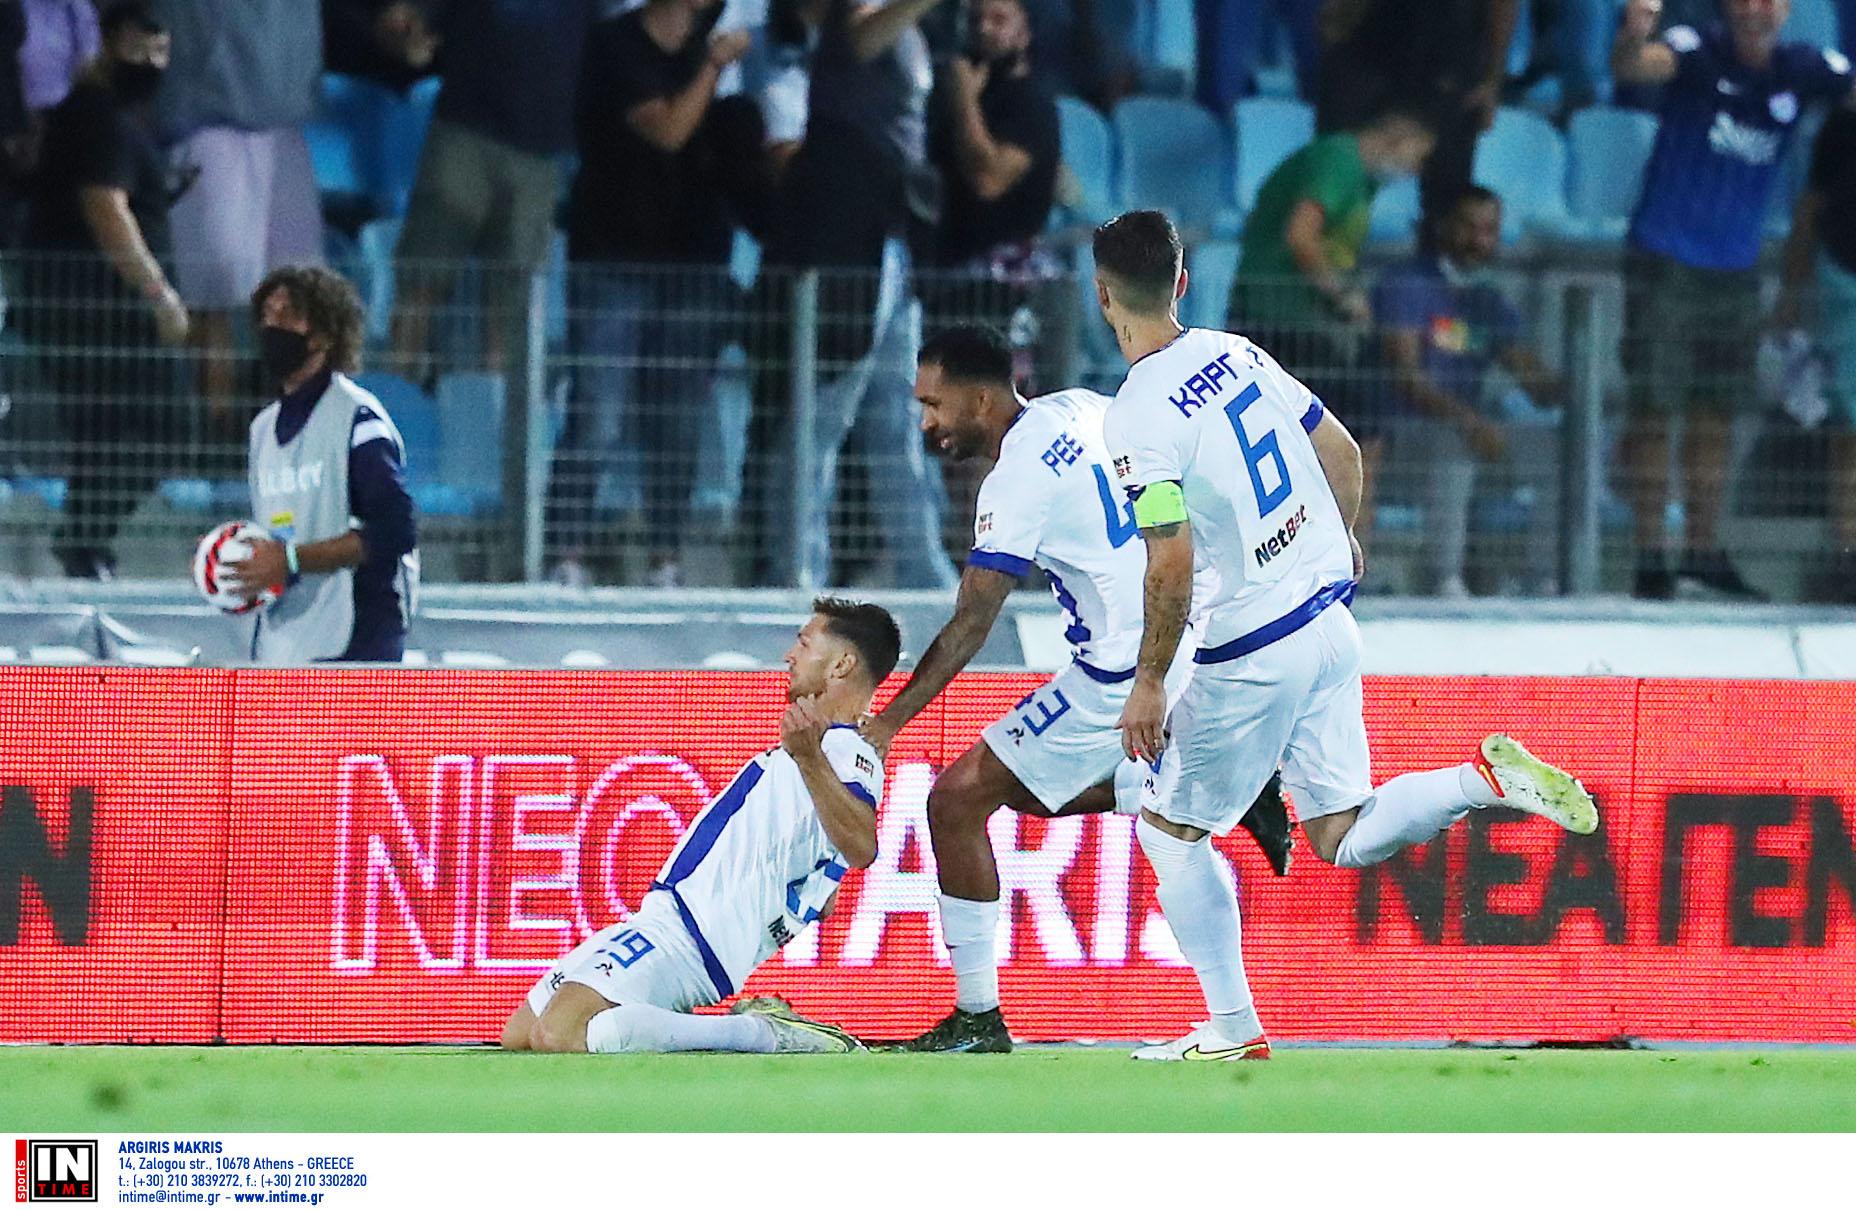 ΠΑΣ Γιάννινα – Παναθηναϊκός 1-0: Ο «Άγιαξ» προσγείωσε απότομα το «τριφύλλι»